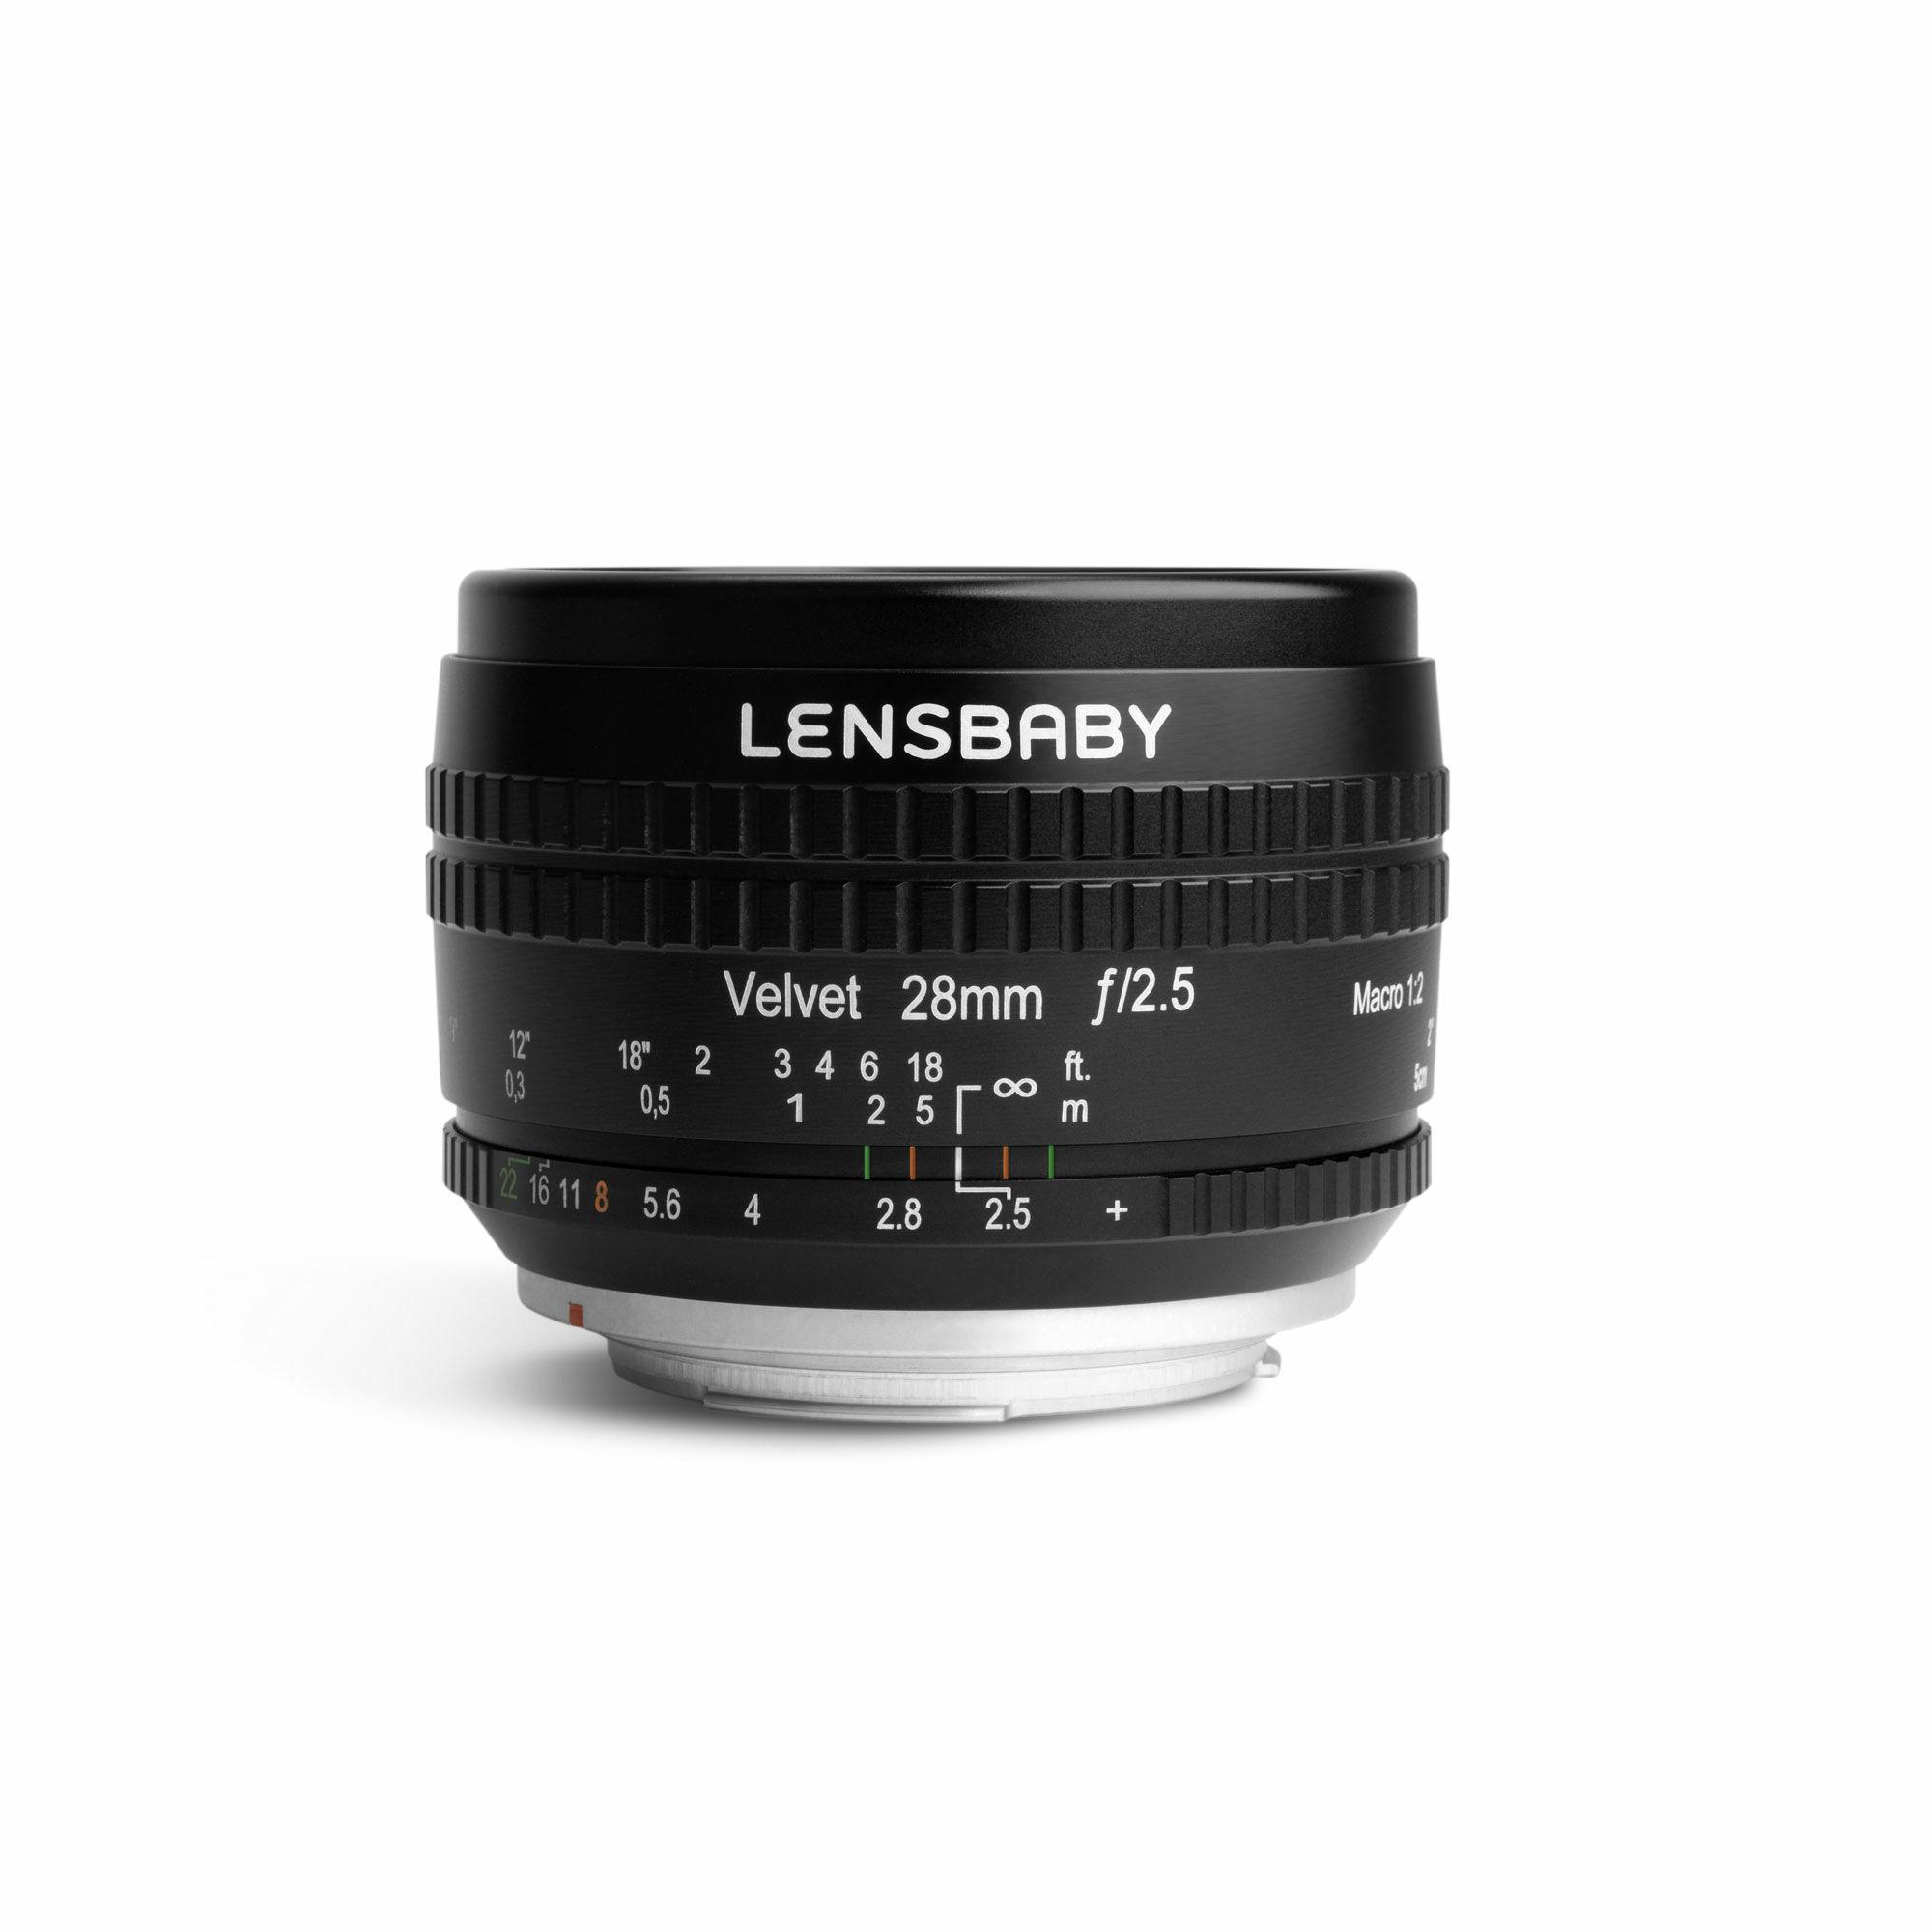 Lensbaby社新製品、ソフトフォーカスの28mmアートレンズ「Velvet 28」 画像